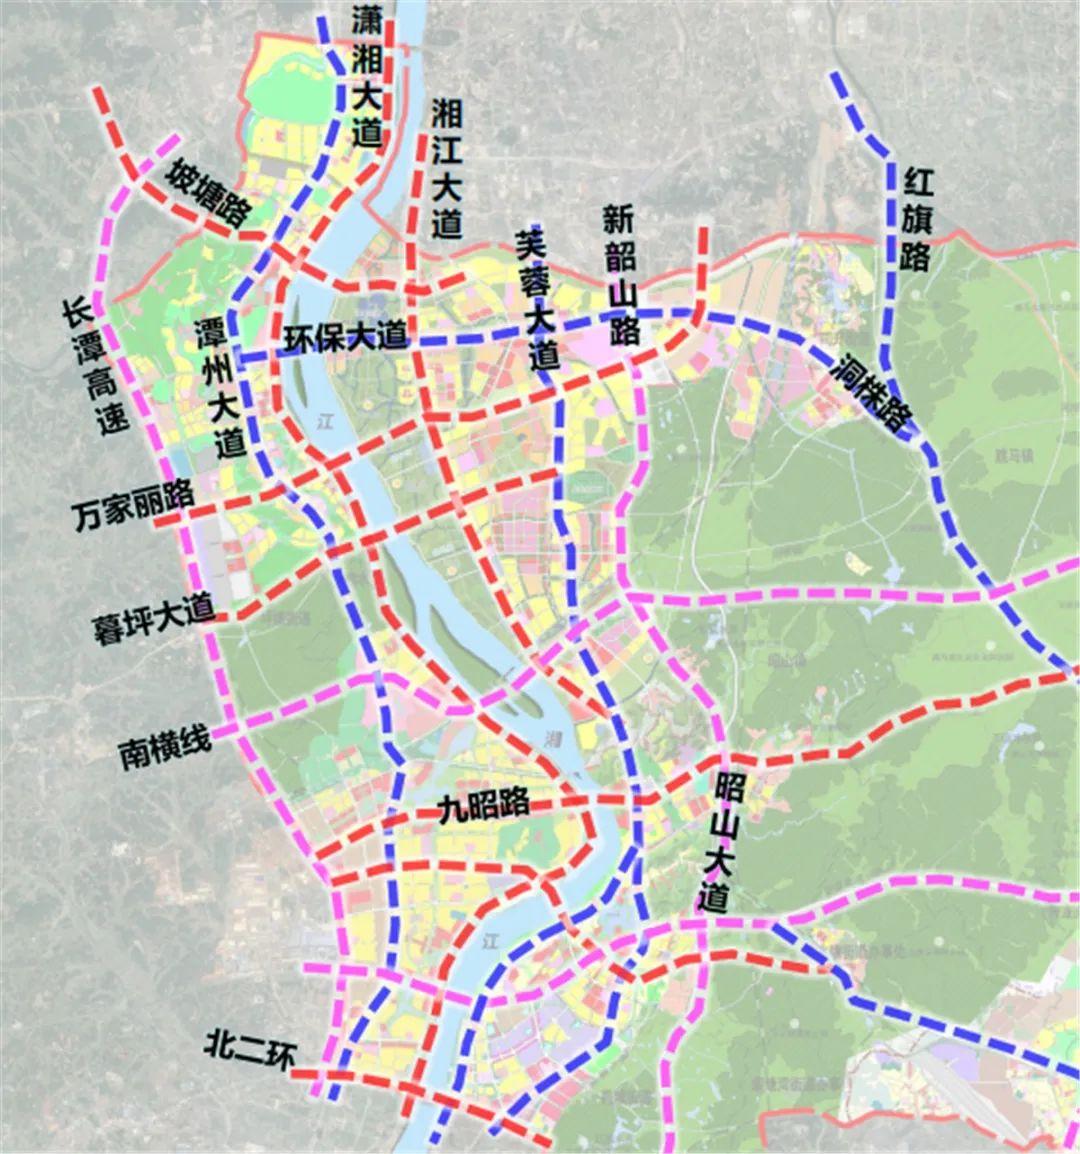 长株潭一体化主干交通路网图。